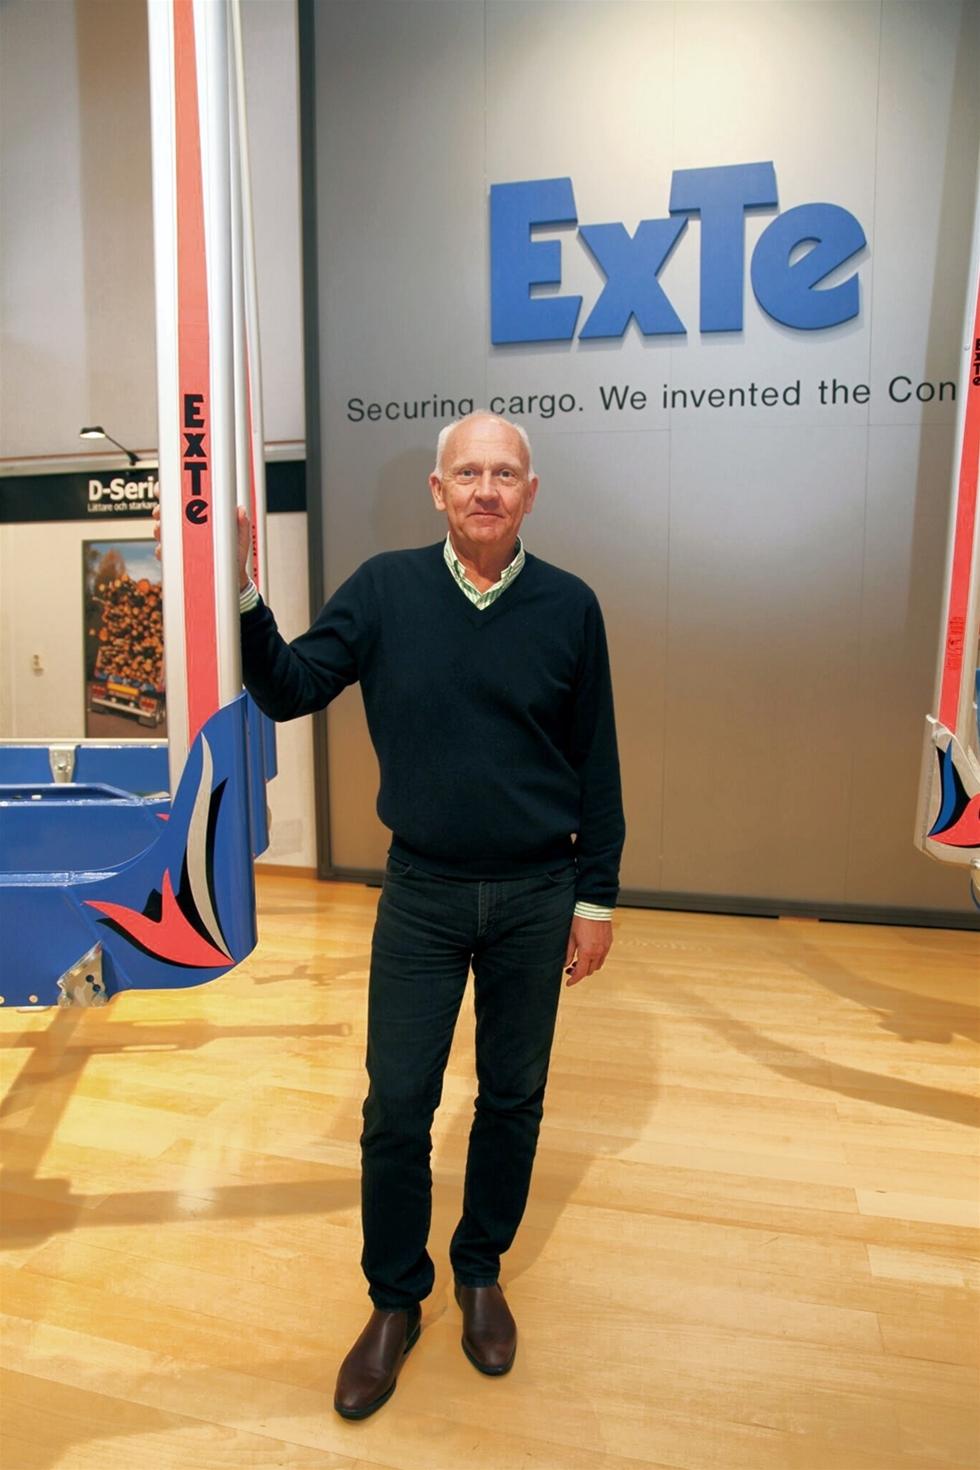 I Ljusdals kommun i norra Gävleborg finns företaget ExTe. VD Kjell Jonsson beskriver själv företaget som en världsledande tillverkare och leverantör av timmerbankar och automatiska spännare.